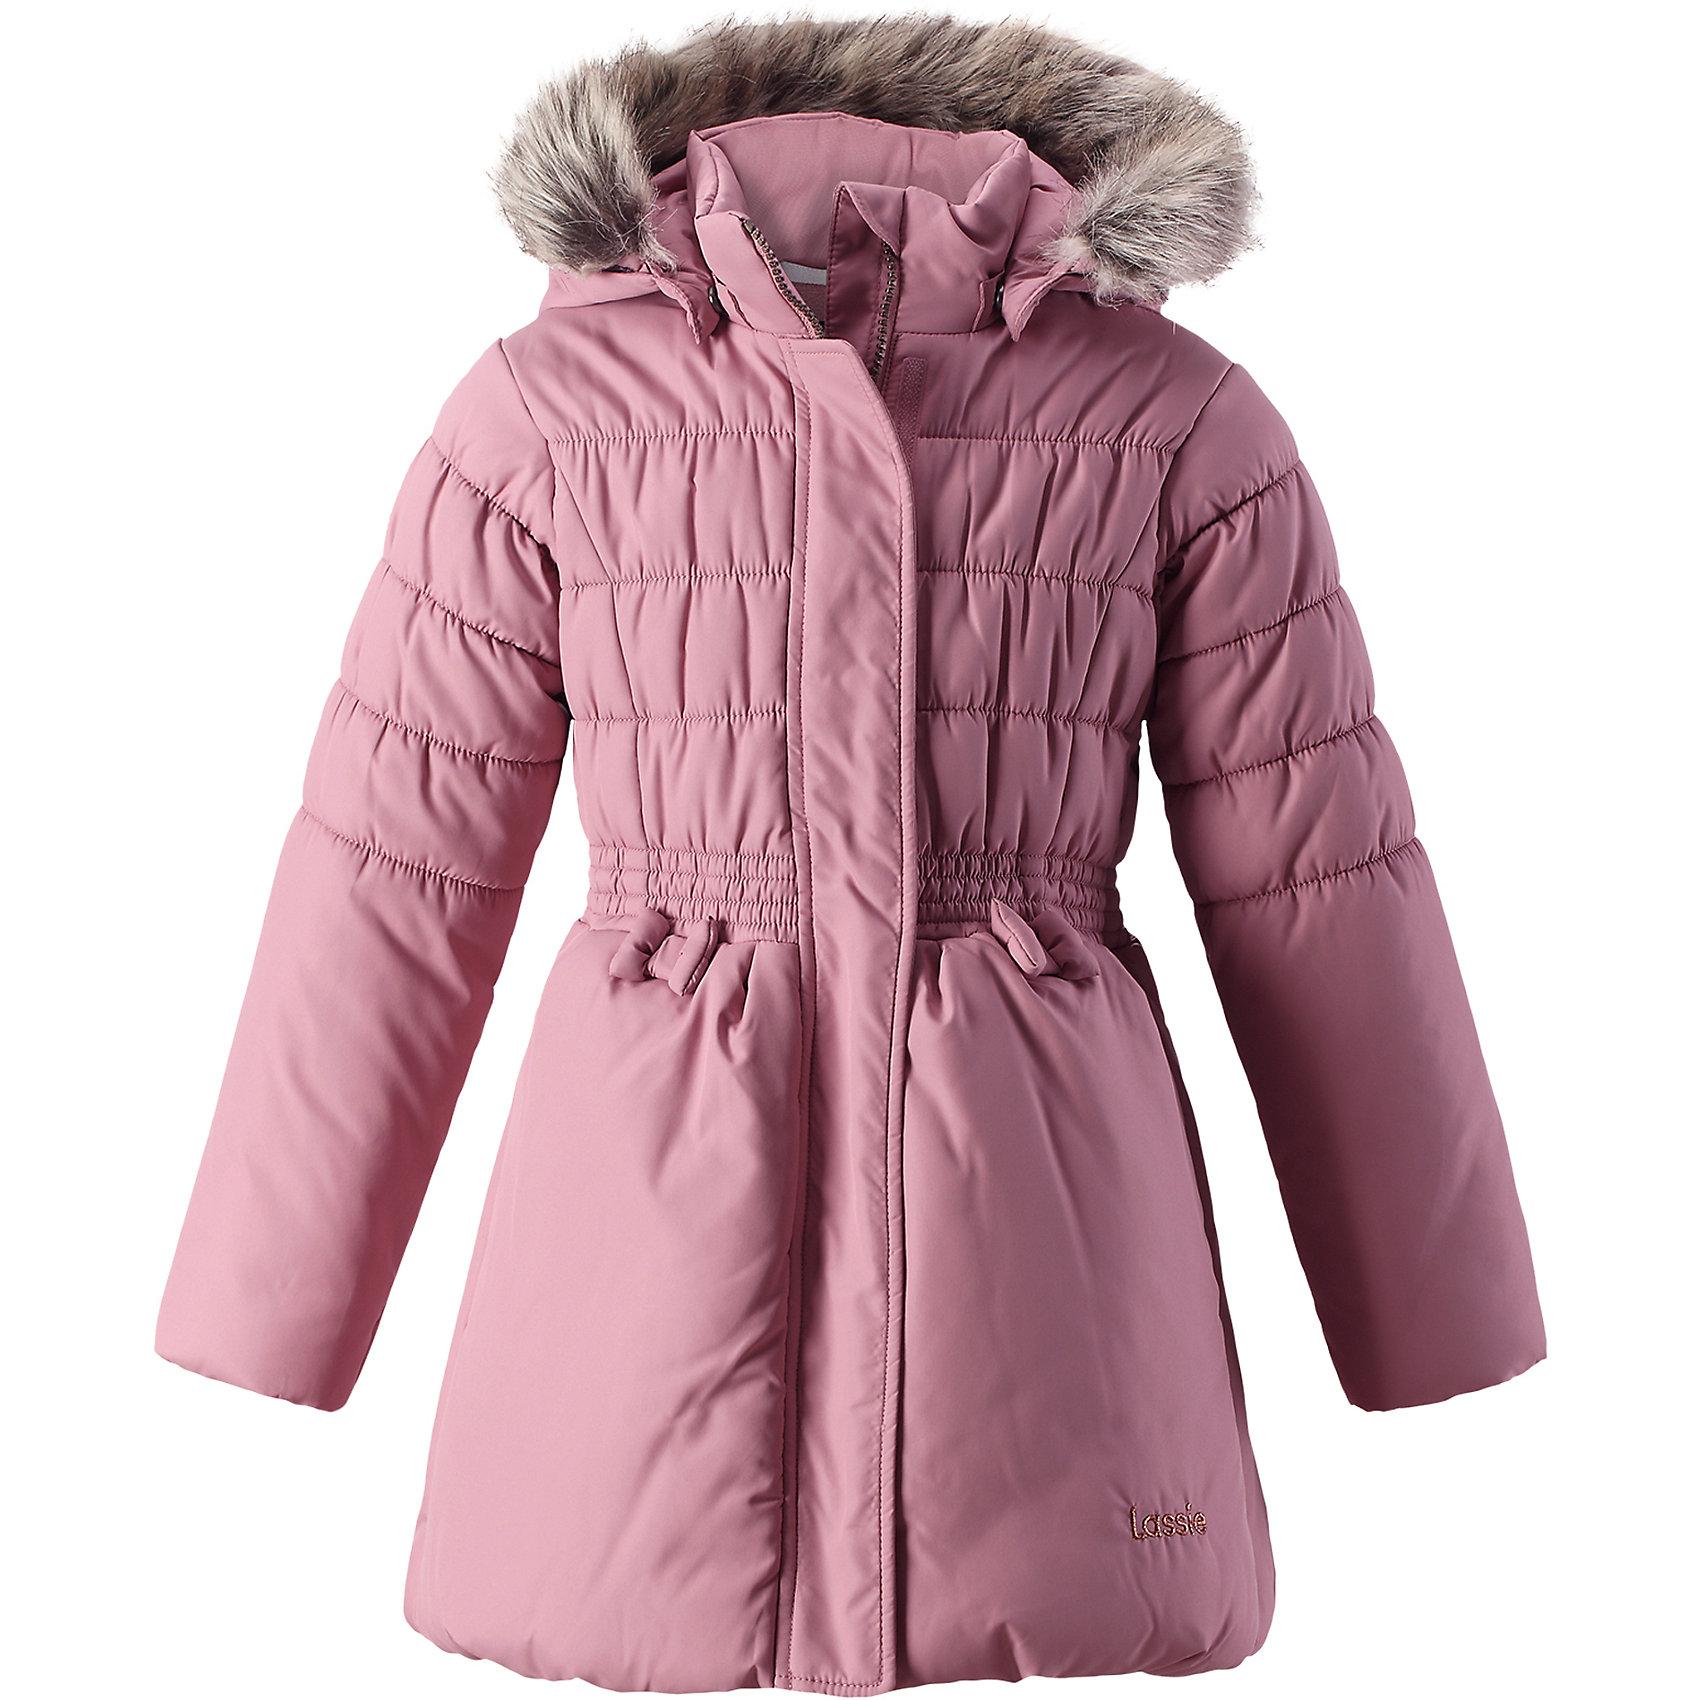 Куртка Lassie для девочкиОдежда<br>Чудесная куртка на зимние холода! Эта зимняя куртка сшита из водоотталкивающего, ветронепроницаемого и дышащего материала. Она снабжена безопасным съемным капюшоном, а съемная оторочка из искусственного меха оживляет образ.<br>Состав:<br>100% Полиэстер<br><br>Ширина мм: 356<br>Глубина мм: 10<br>Высота мм: 245<br>Вес г: 519<br>Цвет: розовый<br>Возраст от месяцев: 108<br>Возраст до месяцев: 120<br>Пол: Женский<br>Возраст: Детский<br>Размер: 92,134,140,98,104,110,116,122,128<br>SKU: 6927631